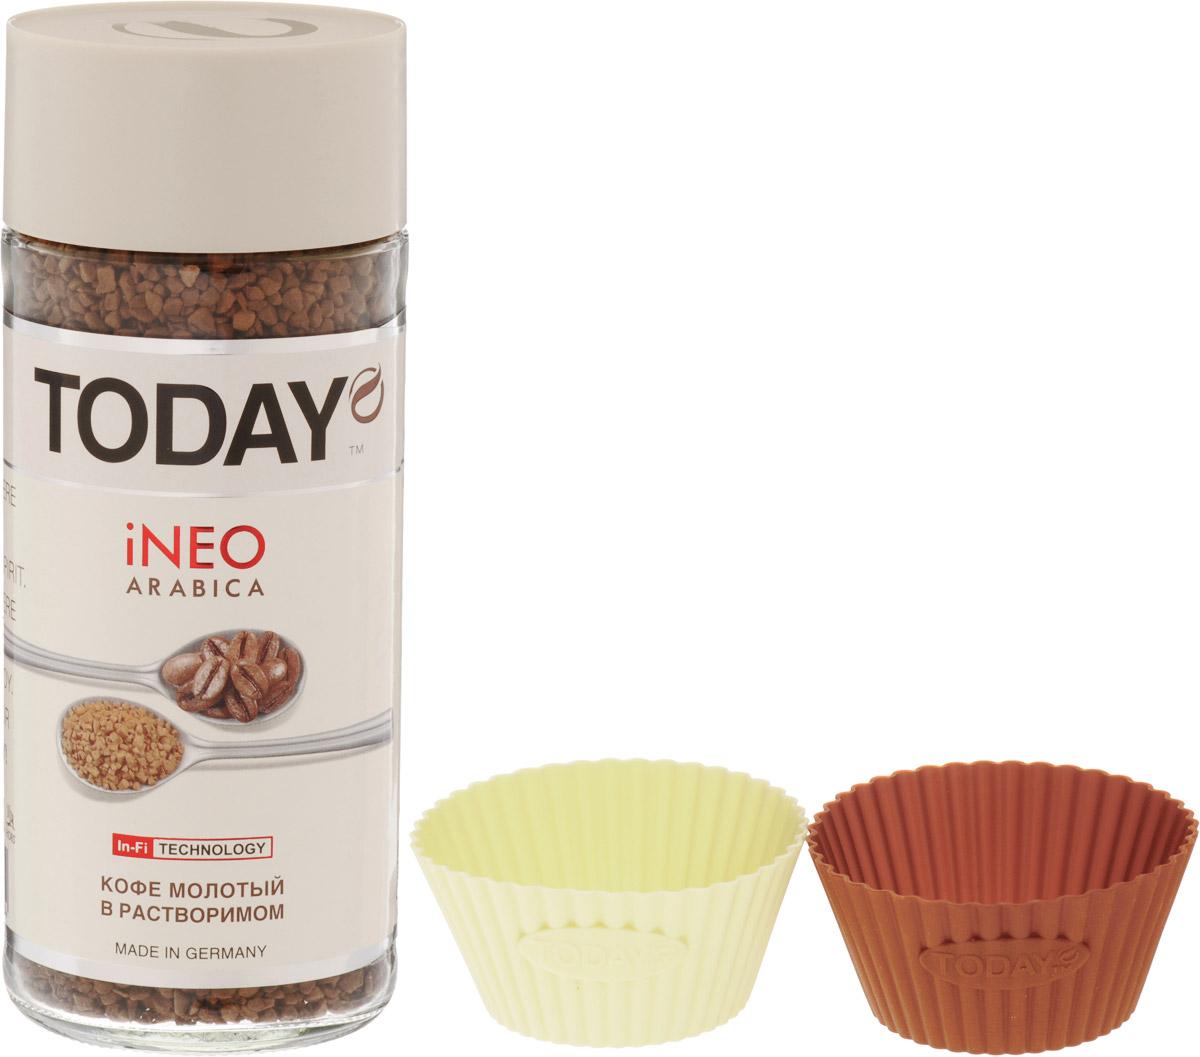 Today In-Fi кофе растворимый, 95 г + набор для выпечки0120710Для создания великолепного кофе Today In-Fi использовались лишь отборные зерна средней обжарки. Молотый кофе внутри растворимого дарит аромат и вкус свежесваренного кофе.В комплекте предусмотрен набор для выпечки со следующими цветовыми сочетаниями: кремовый + зеленый, кремовый + коричневый, кремовый + красный. УВАЖАЕМЫЕ КЛИЕНТЫ! Обращаем ваше внимание на возможные варианты цвета формочек для выпечки. Поставка осуществляется в зависимости от наличия на складе.